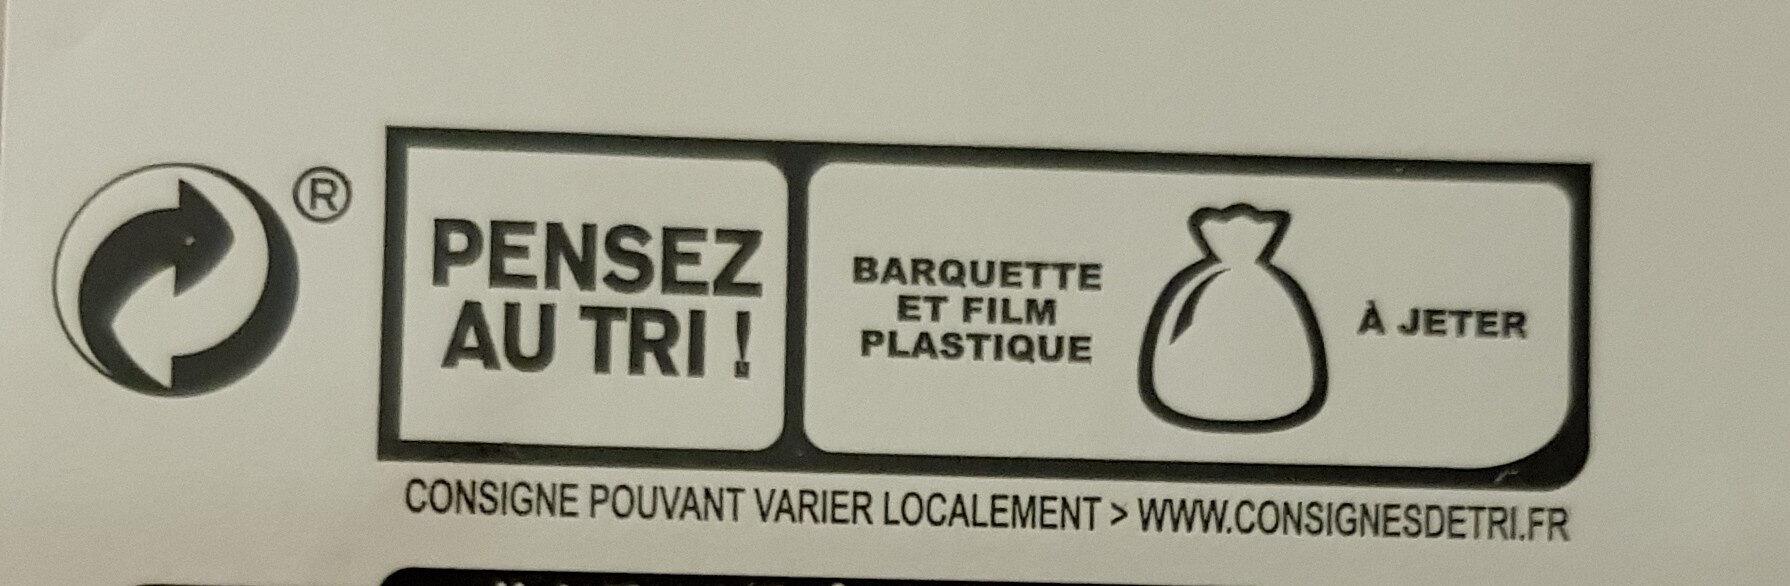 Le Paris au torchon - 25% de Sel* -  4 tr. - Instruction de recyclage et/ou information d'emballage - fr